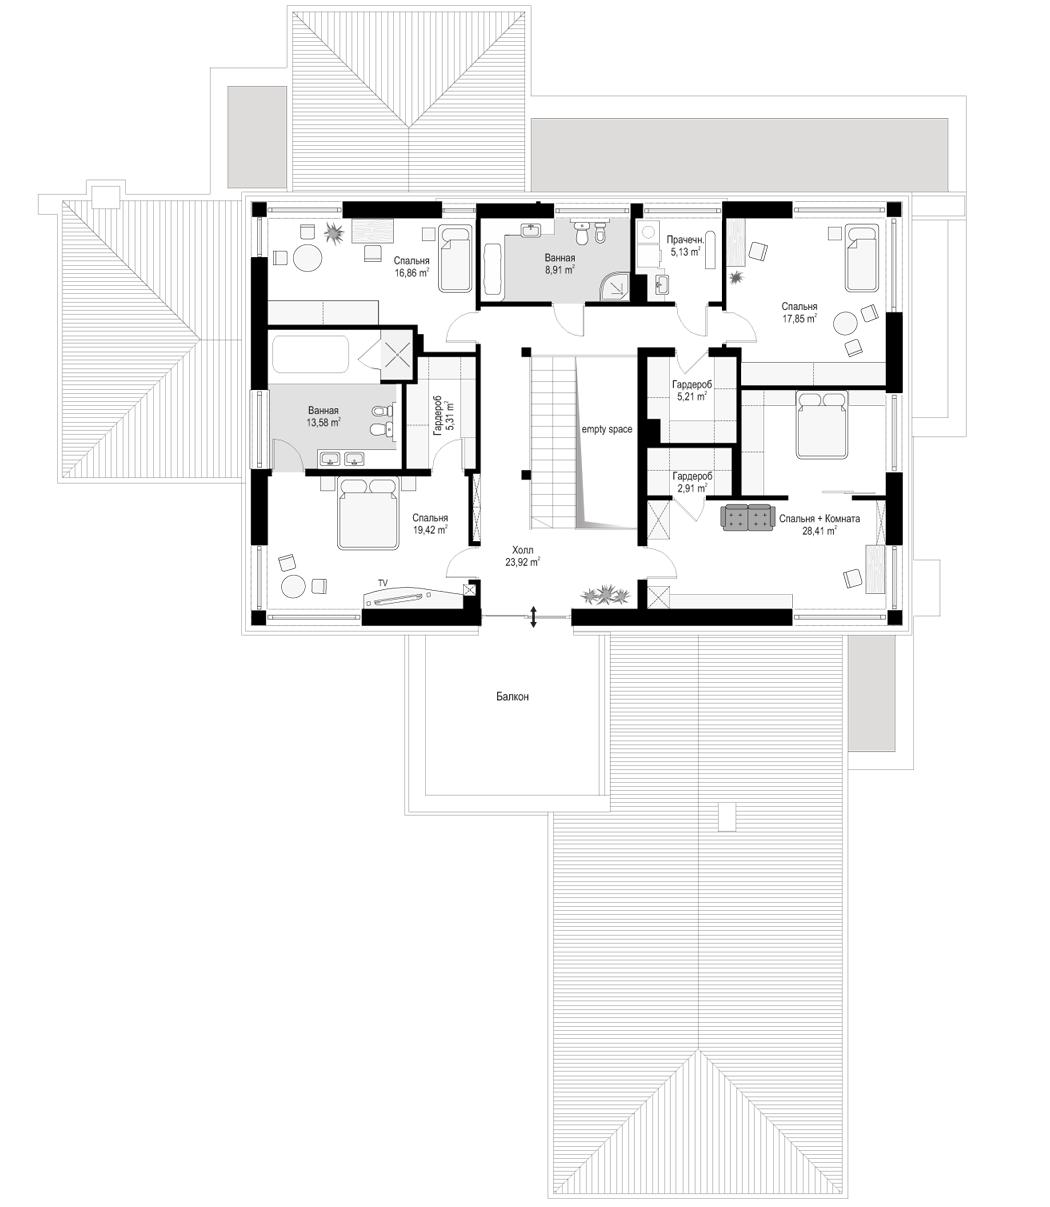 proyekt-doma-villa-s-bassyeynom-eskiz-vtorogo-etazha-143112040261.png